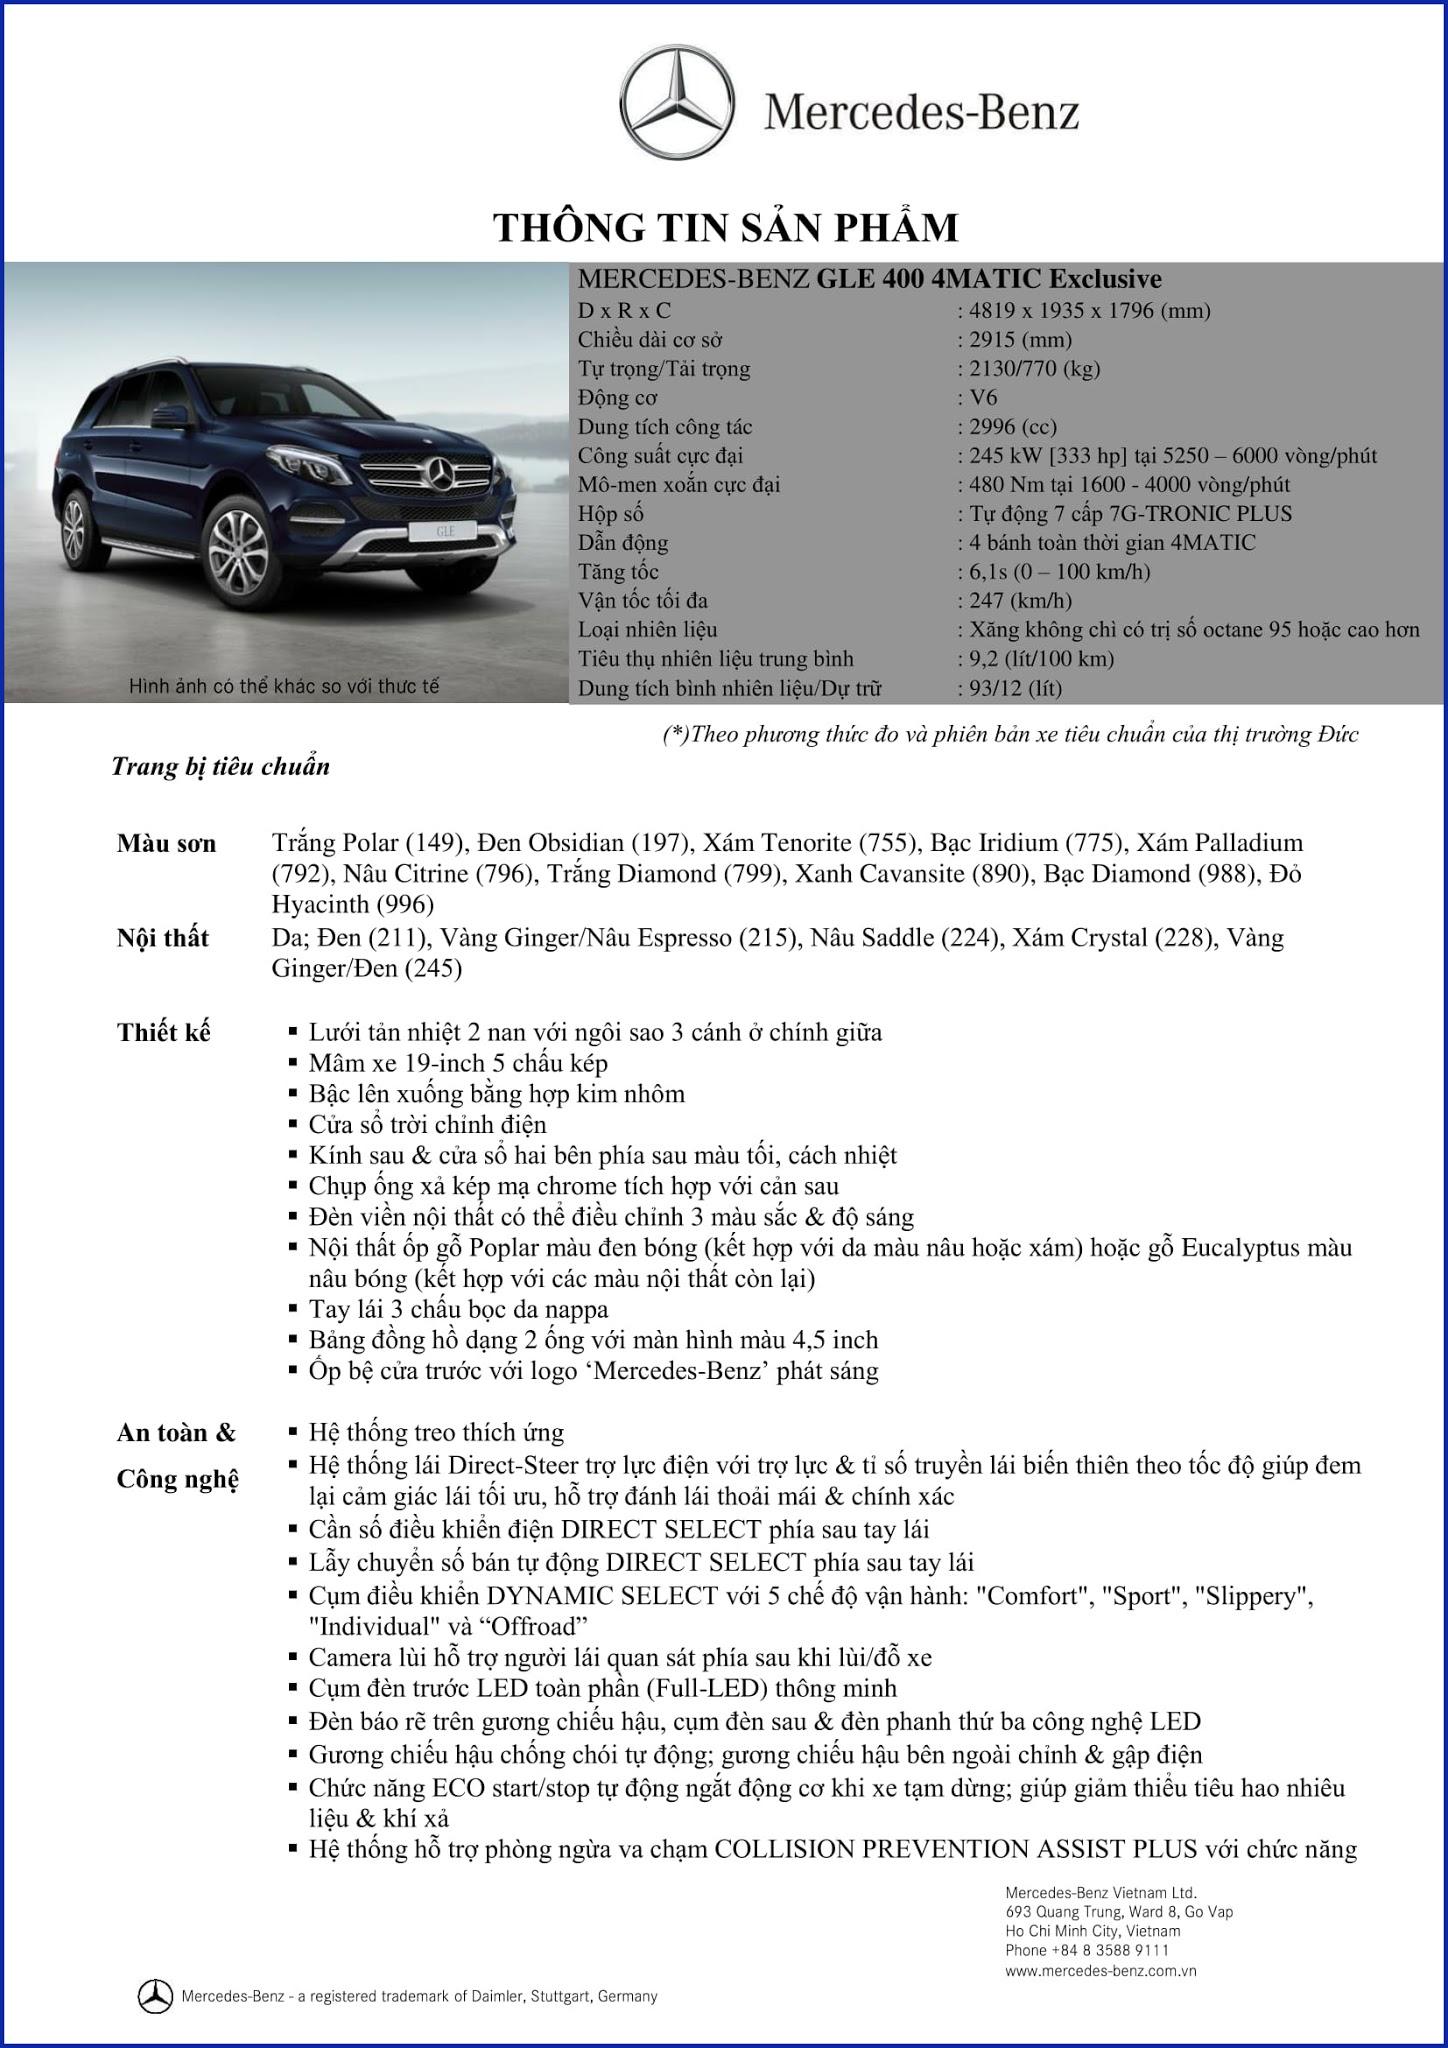 Bảng thông số kỹ thuật Mercedes GLE 400 4MATIC Exclusive 2018 tại Mercedes Trường Chinh